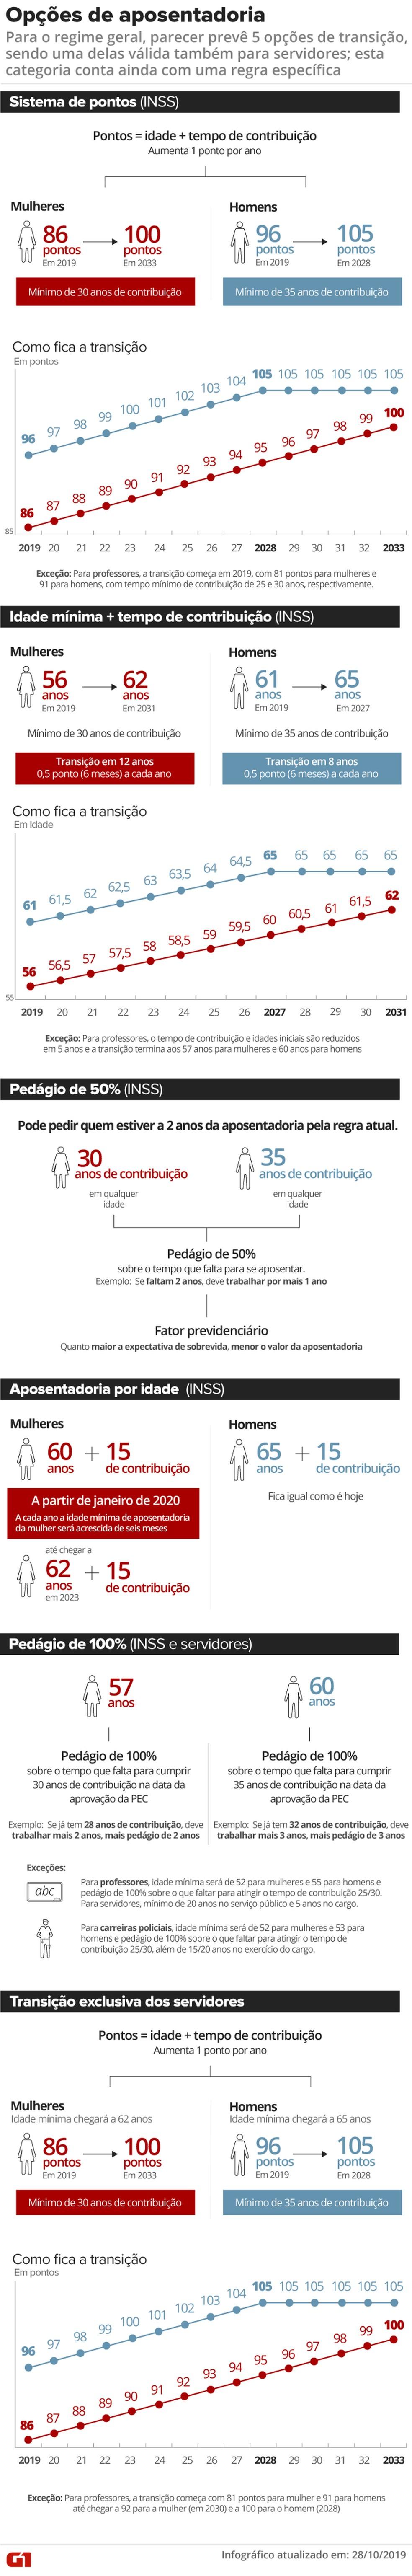 Regras de transição previstas na reforma para quem já trabalha — Foto: Infografia G1